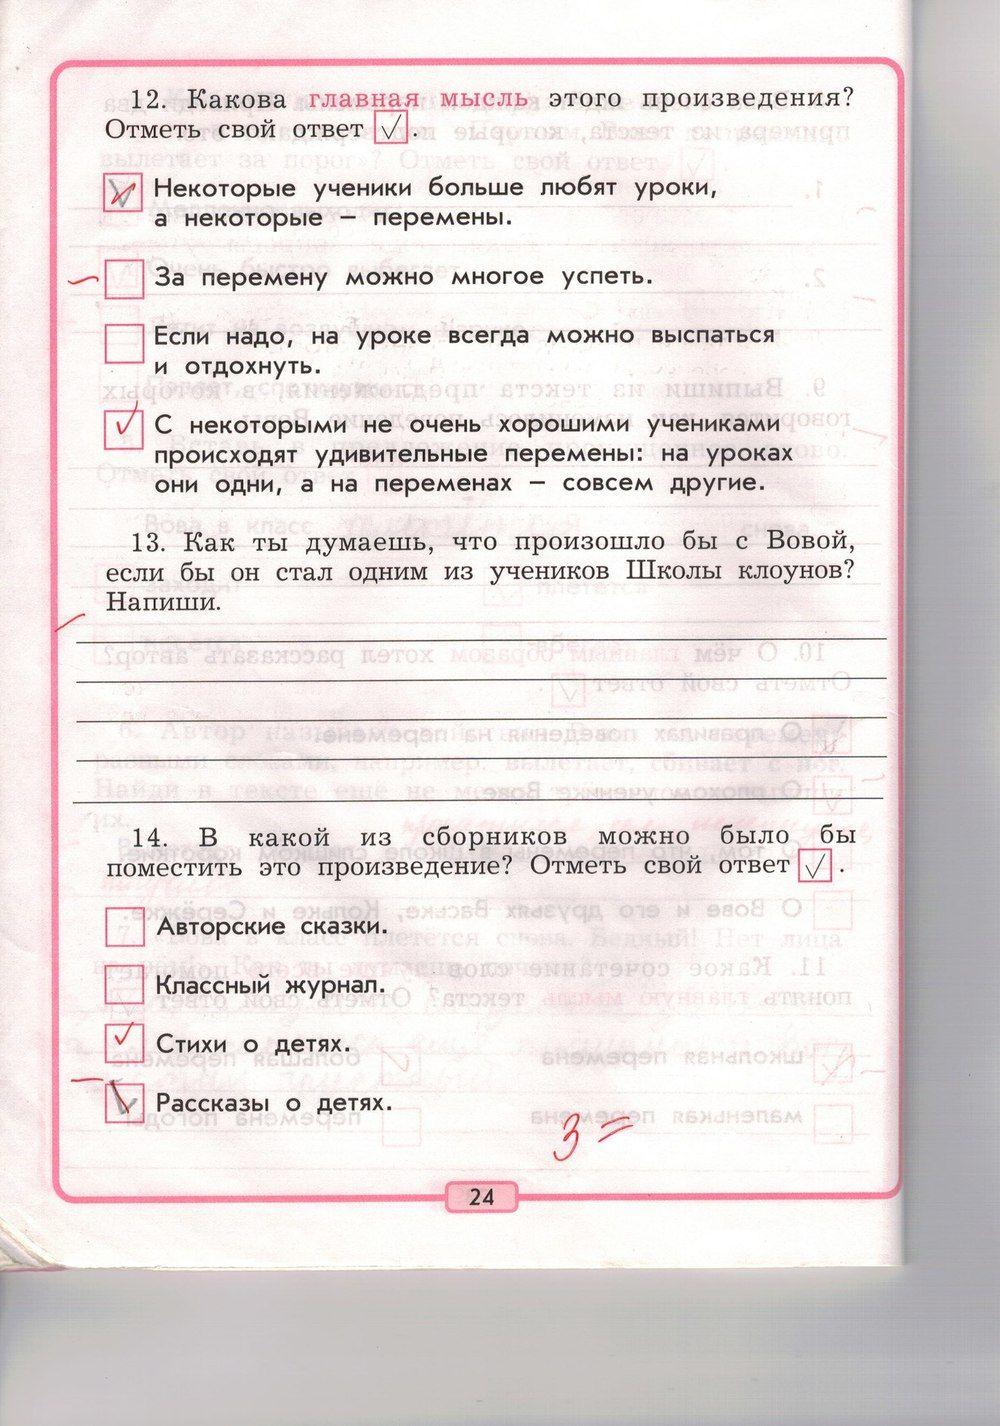 Решебник по английскому и.п.агабекян среднее профессиональное образование